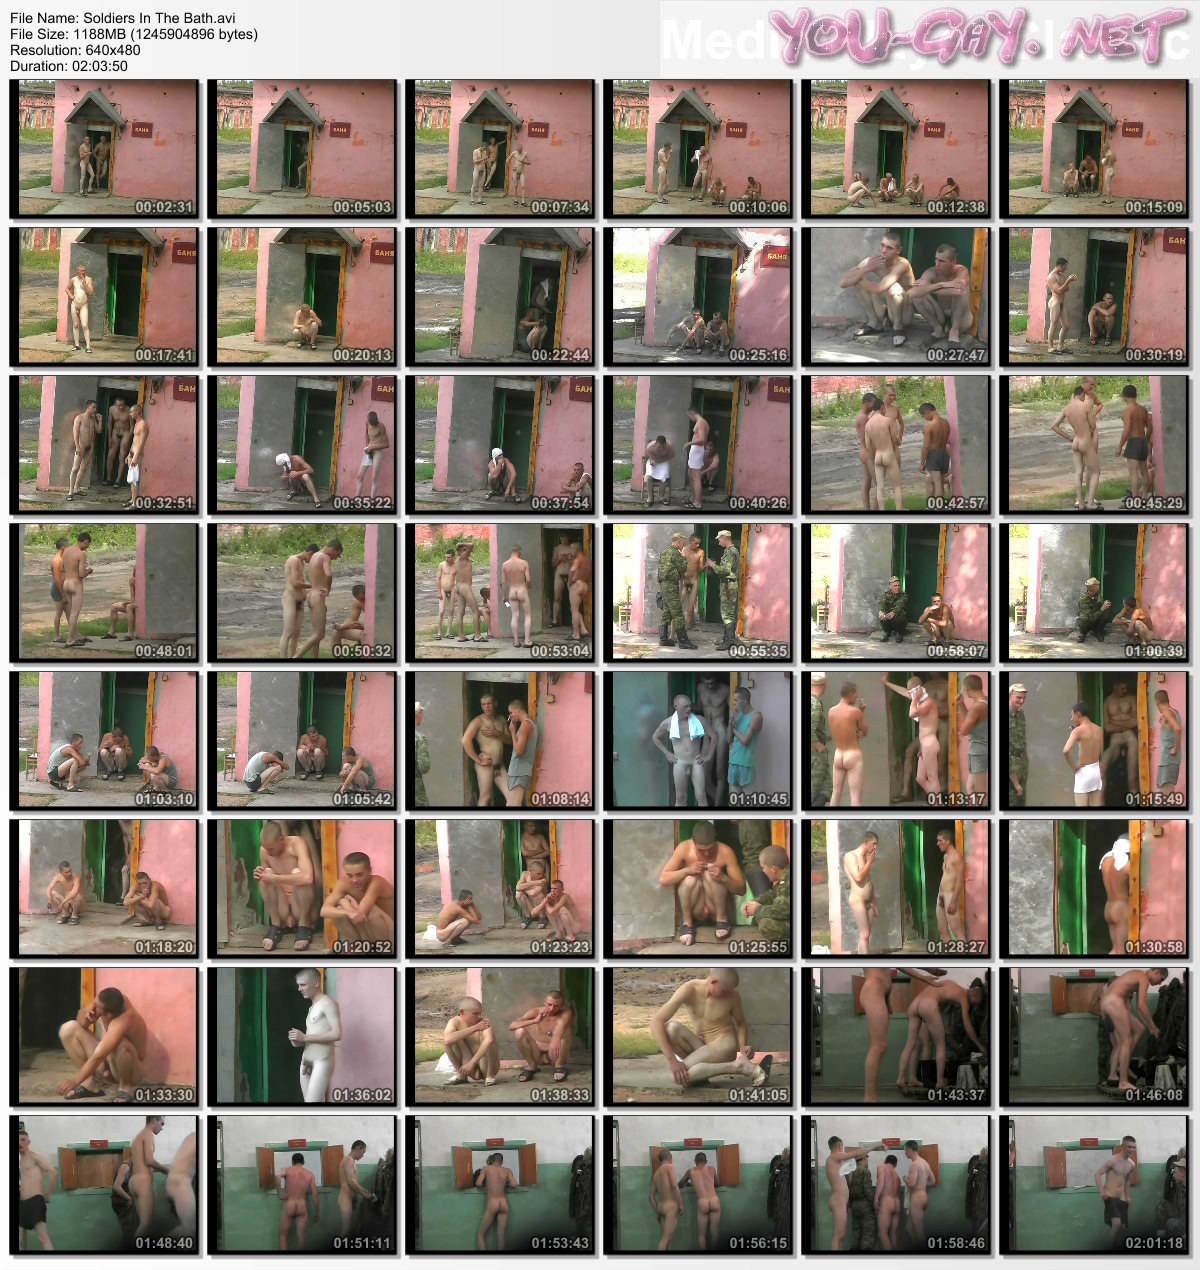 Смотреть бесплатно солдатское порно 16 фотография